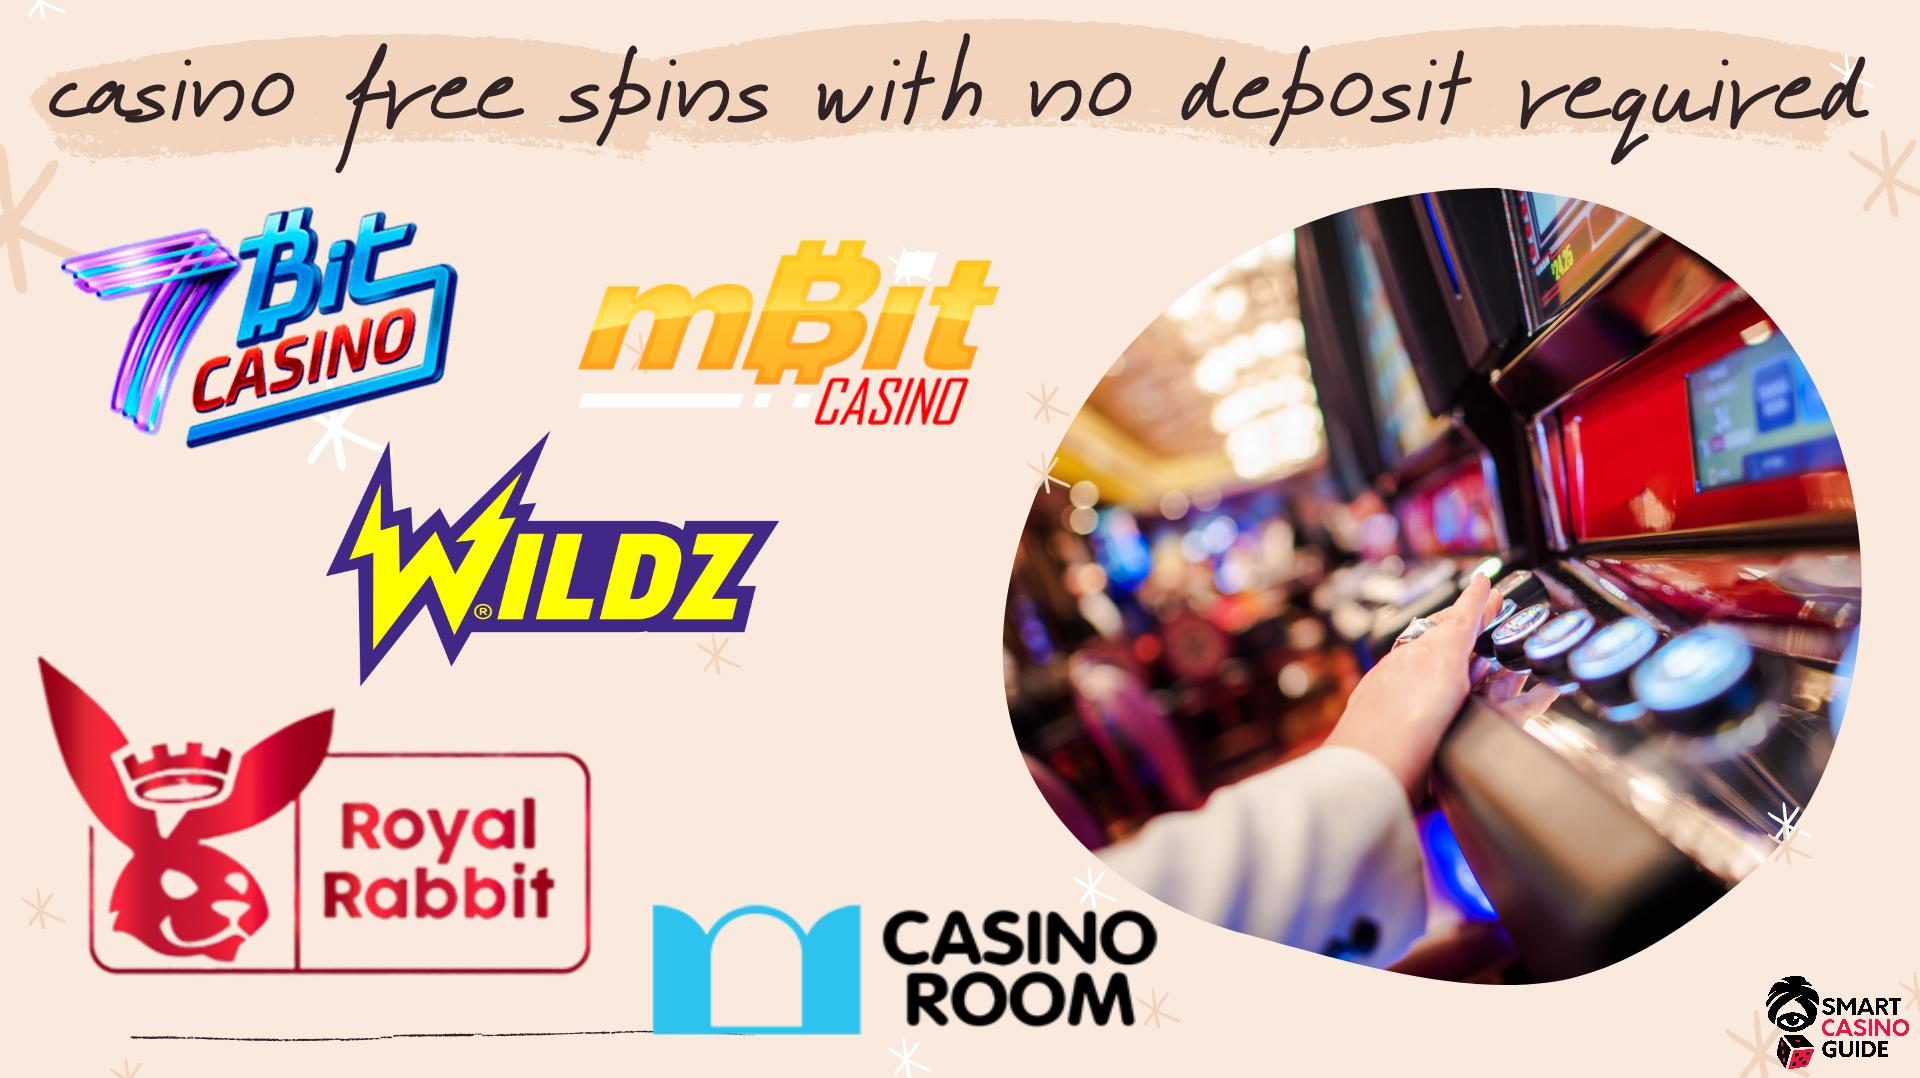 Free Casino Spins No Deposit Required